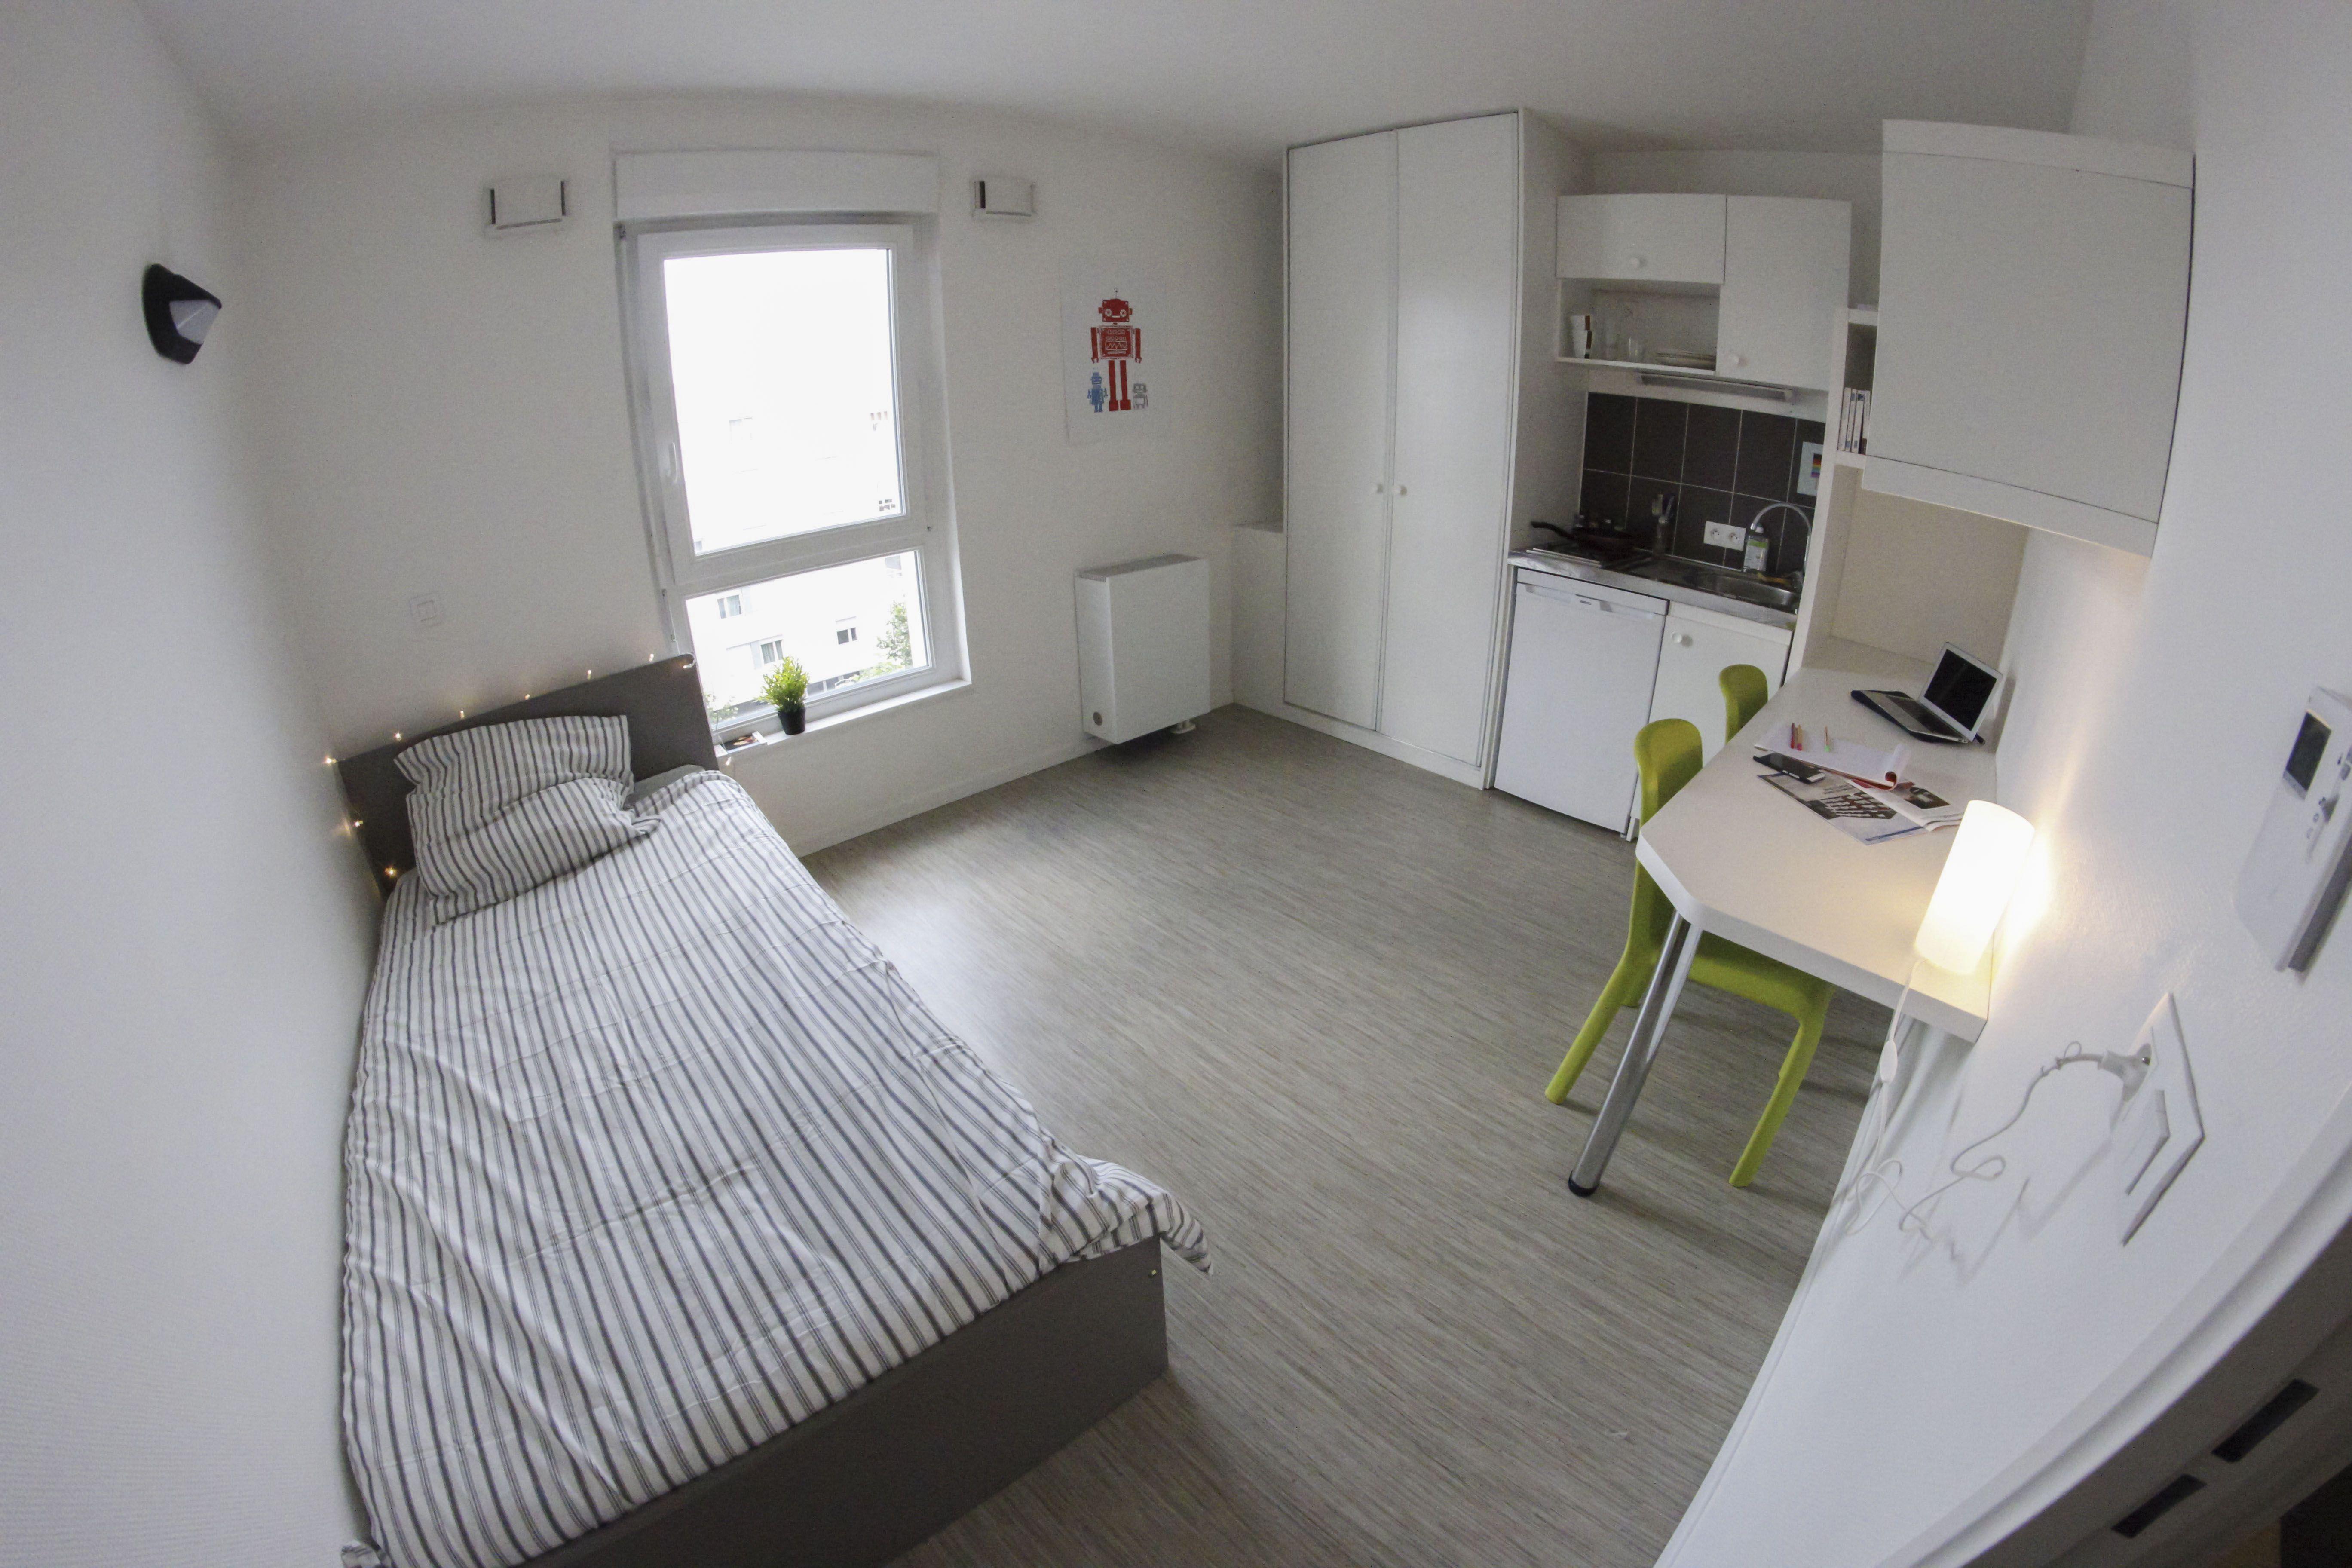 quipement du studio salle de bain une kitchenette. Black Bedroom Furniture Sets. Home Design Ideas